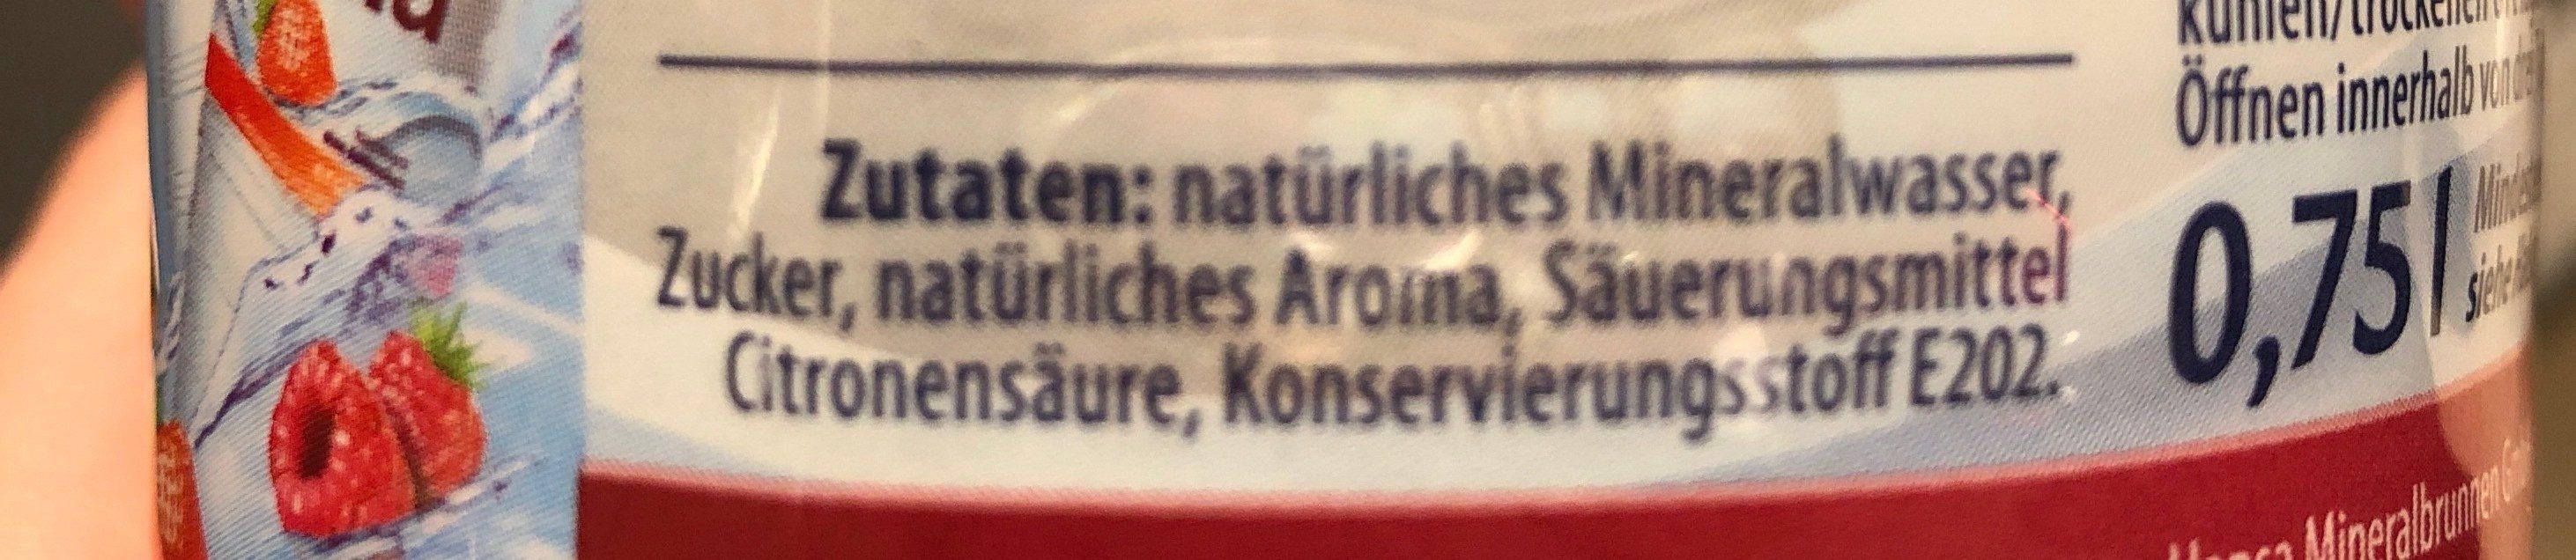 Hella kirsche - Ingredients - de